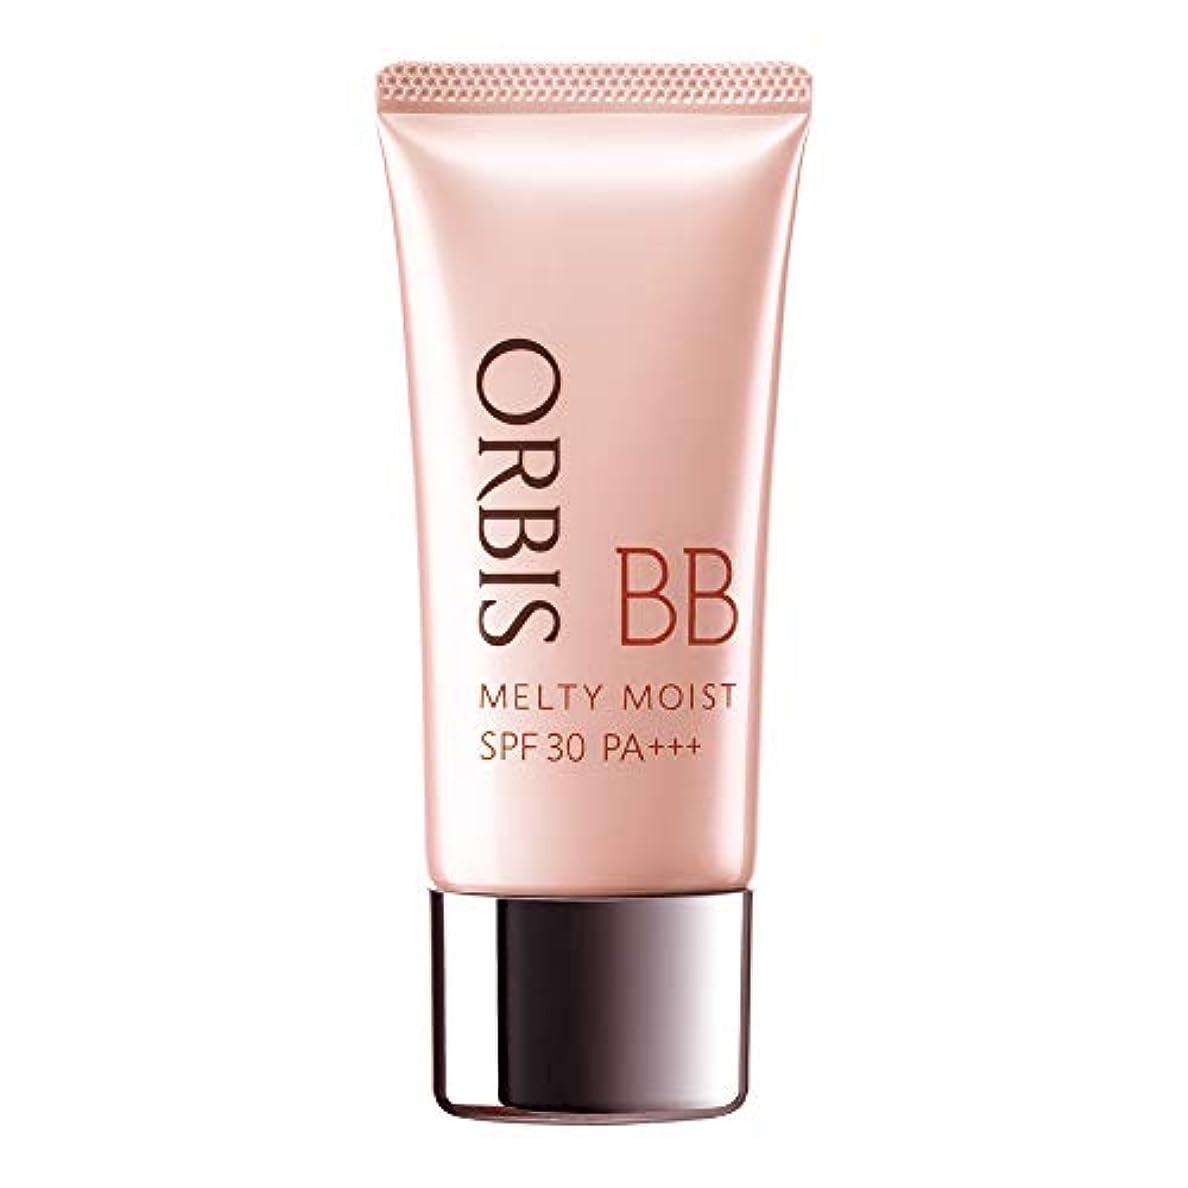 オルビス(ORBIS) メルティーモイスト BB ナチュラル 35g ◎BBクリーム◎